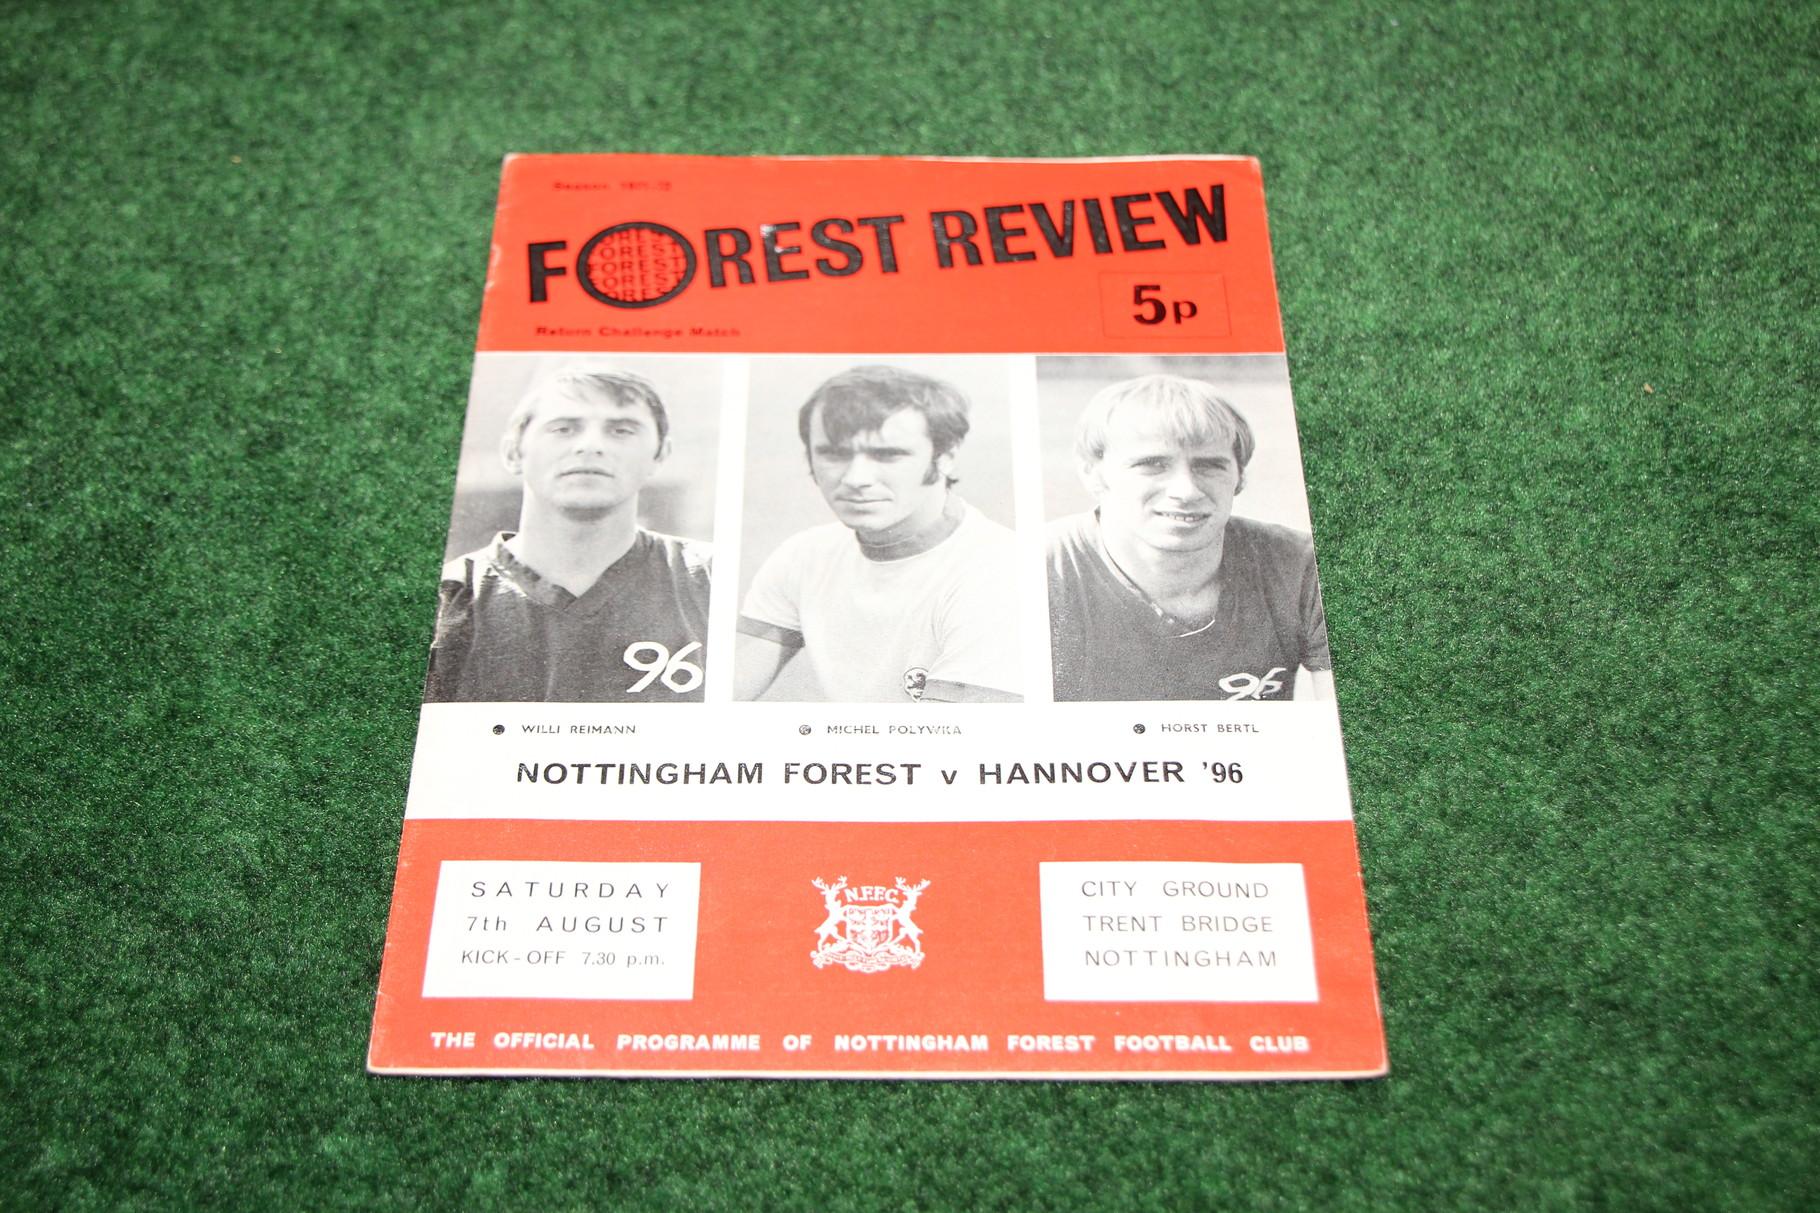 Offizielles Programm von Nottingham Forest gegen Hannover 96.